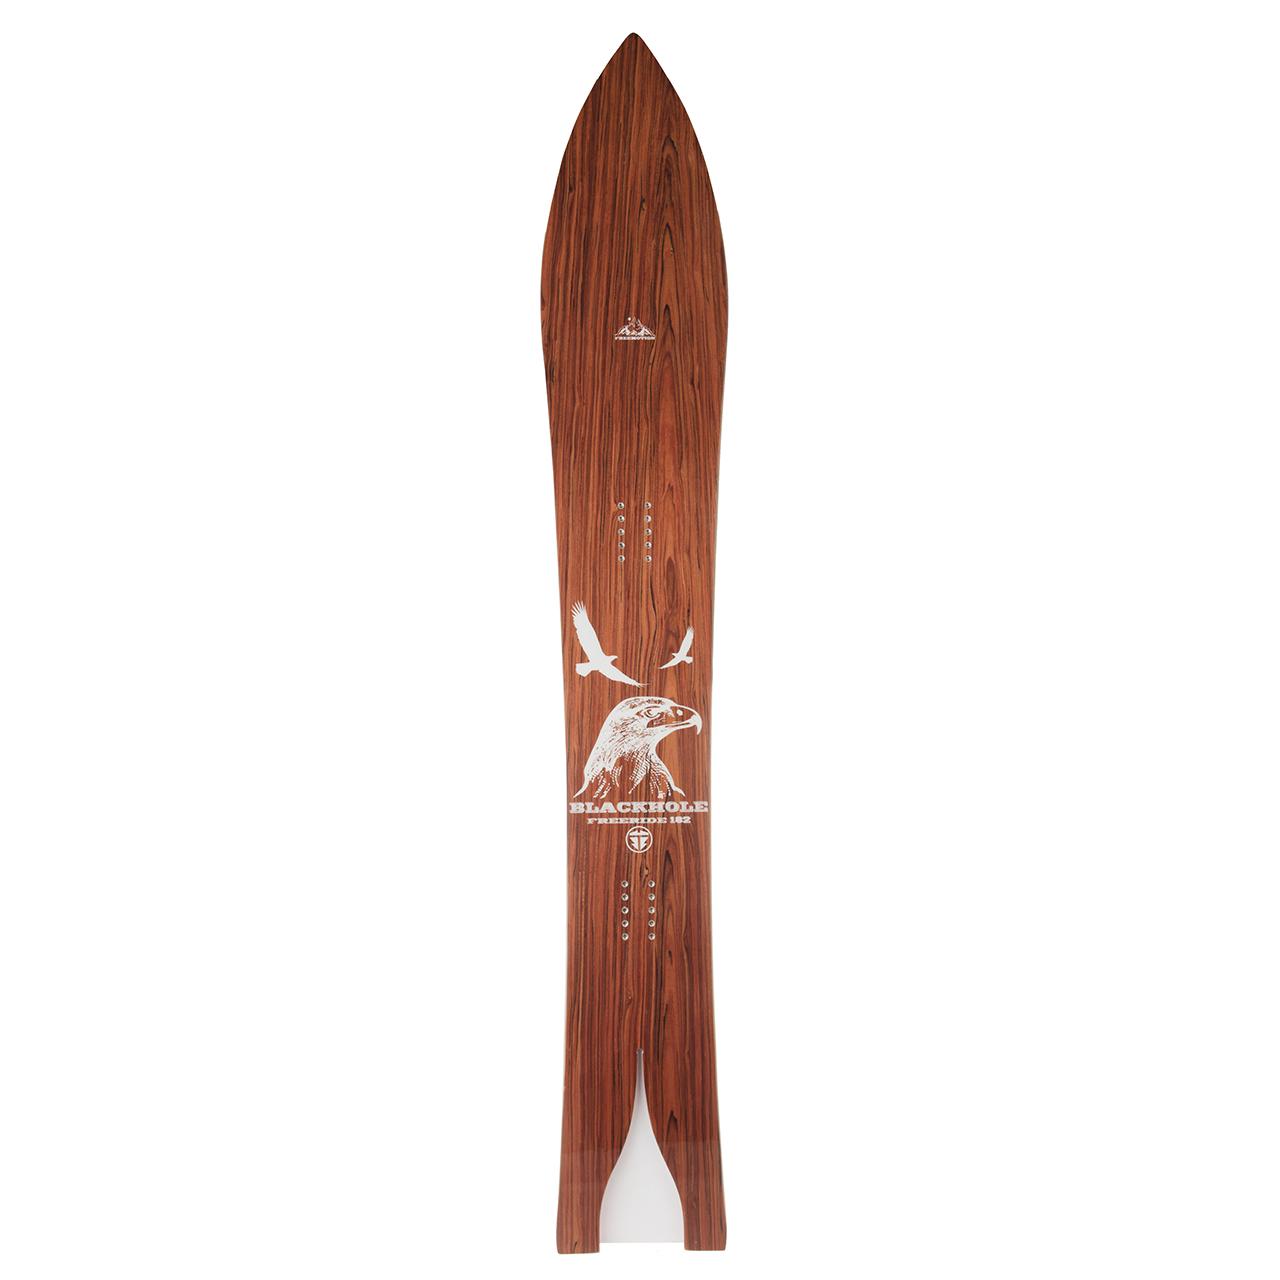 اسنوبرد بلک هول مدل Freeride 182 طول 182 سانتی متر